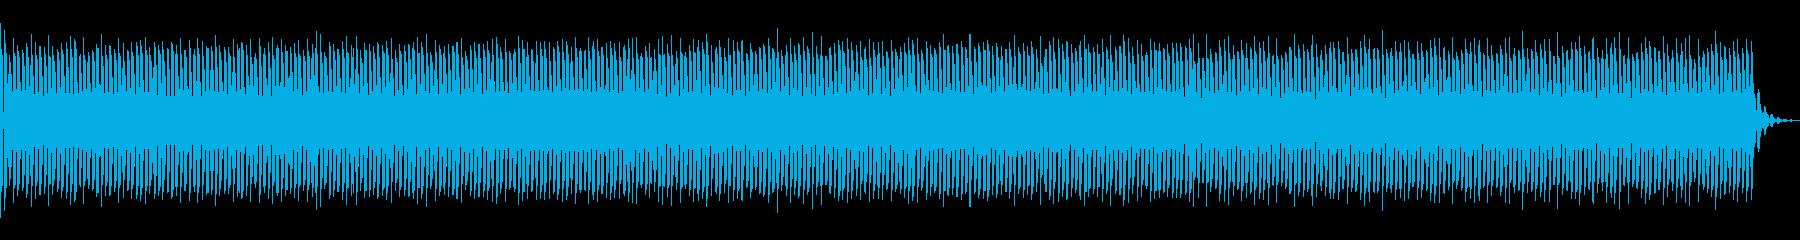 不気味な気配を描写の再生済みの波形